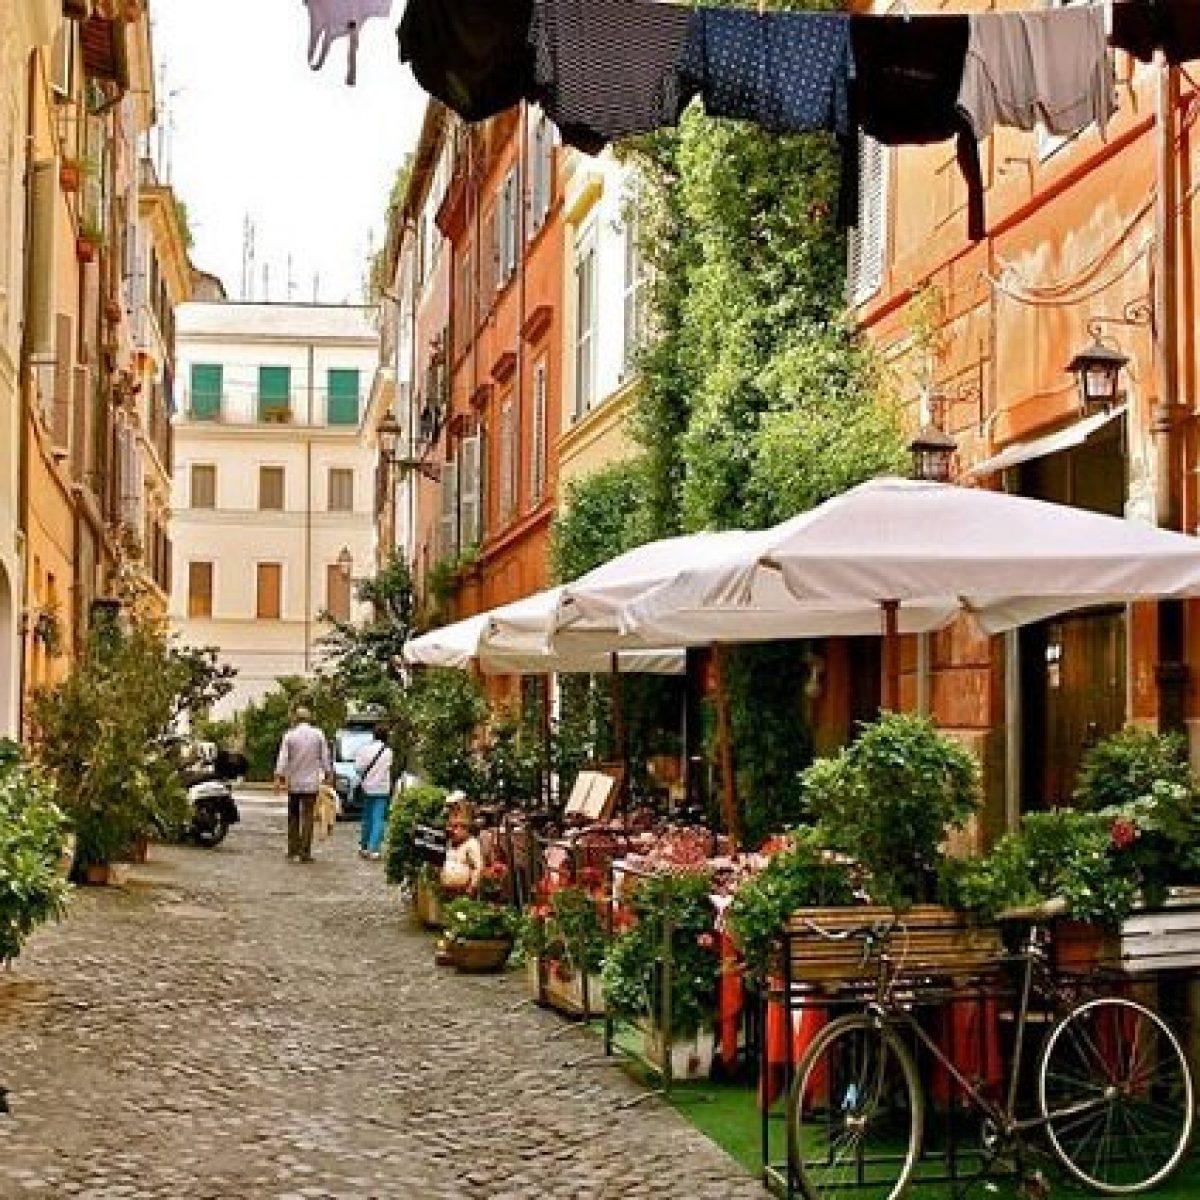 15b439b93d Mercato immobiliare, i prezzi scendono ancora: il 2019 l'anno buono per  comprare casa a Roma